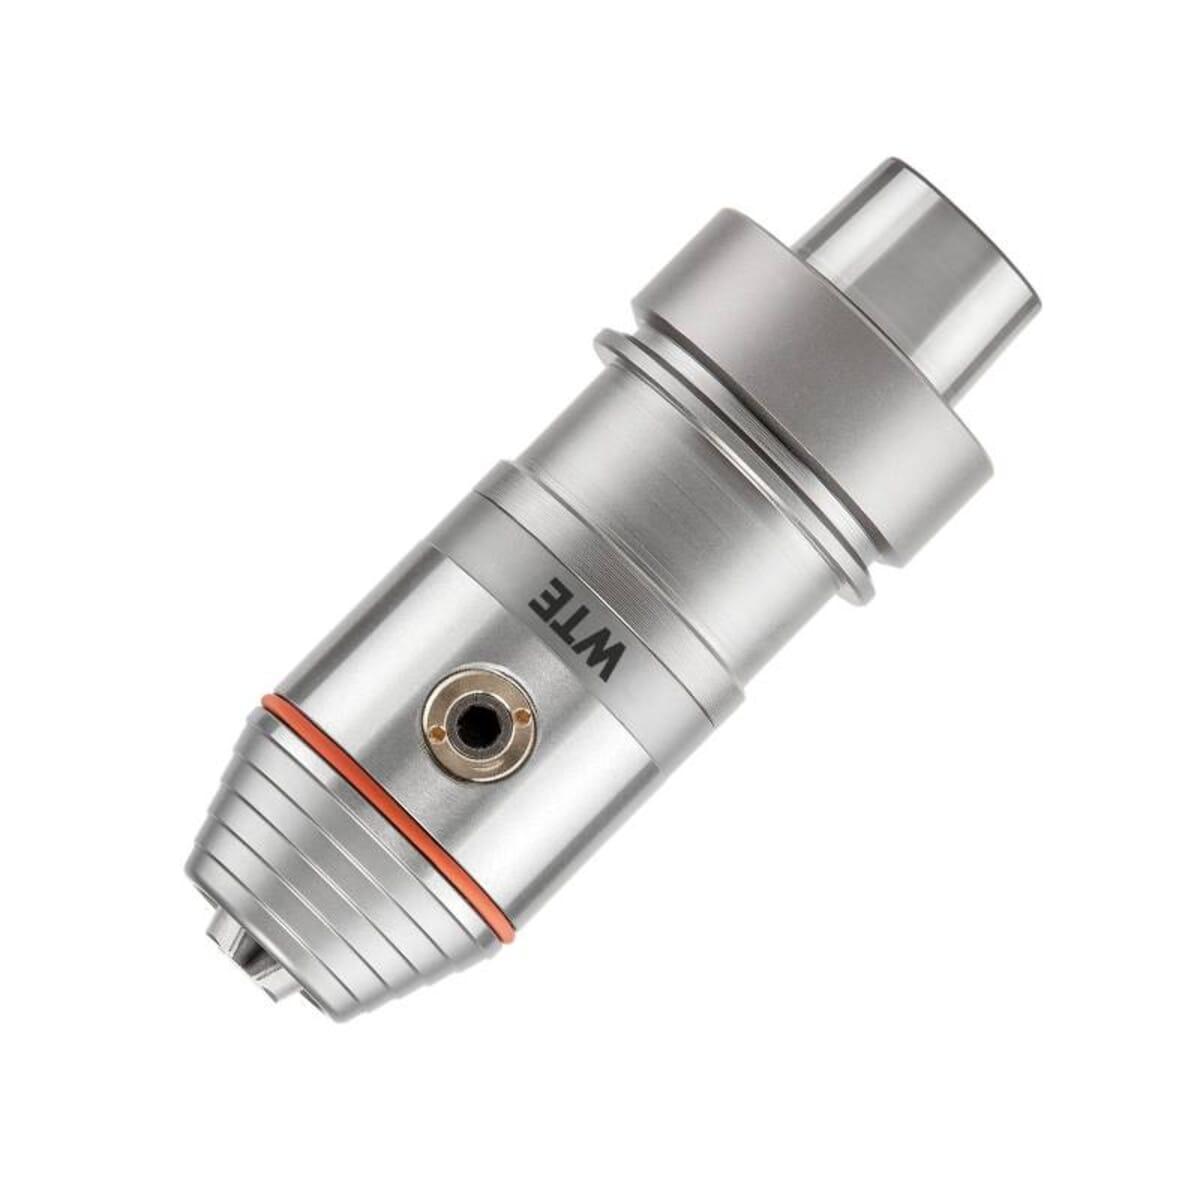 HSK63-F Drill Chucks - 97mm Gauge Length, 50mm Diameter (25000rpm, G6.3)